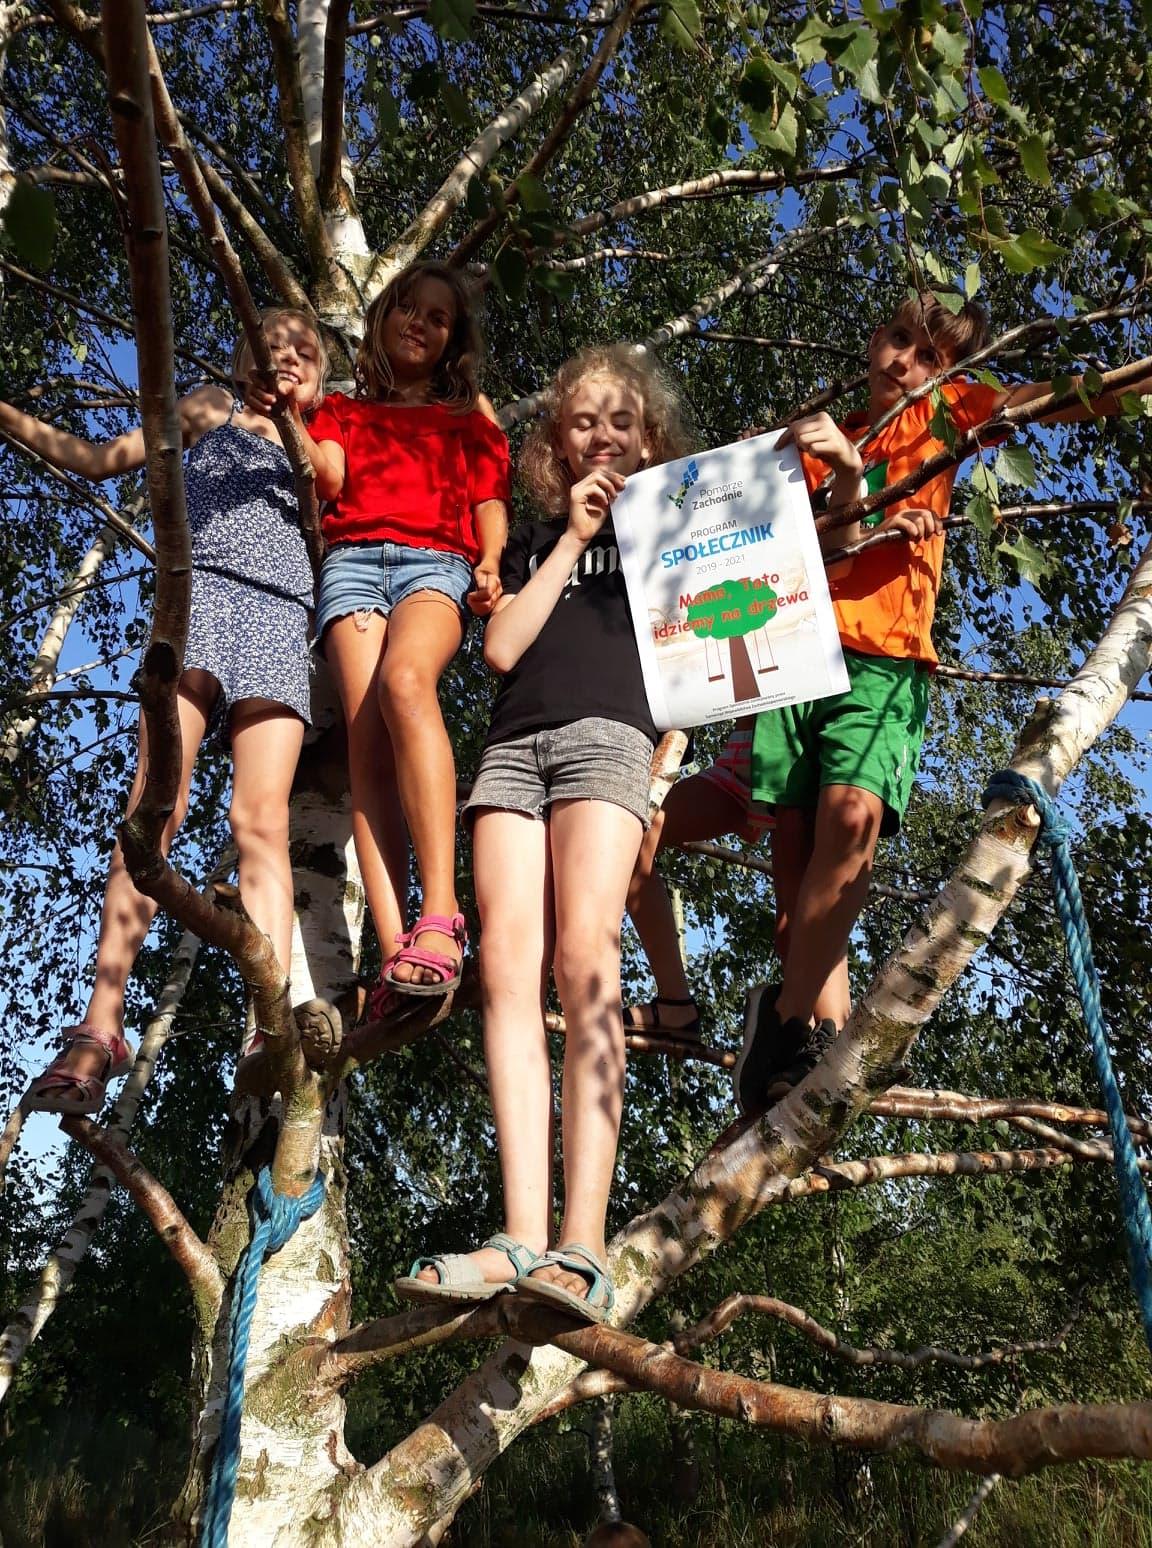 zdjecie dzieci na drzewie z plakatem